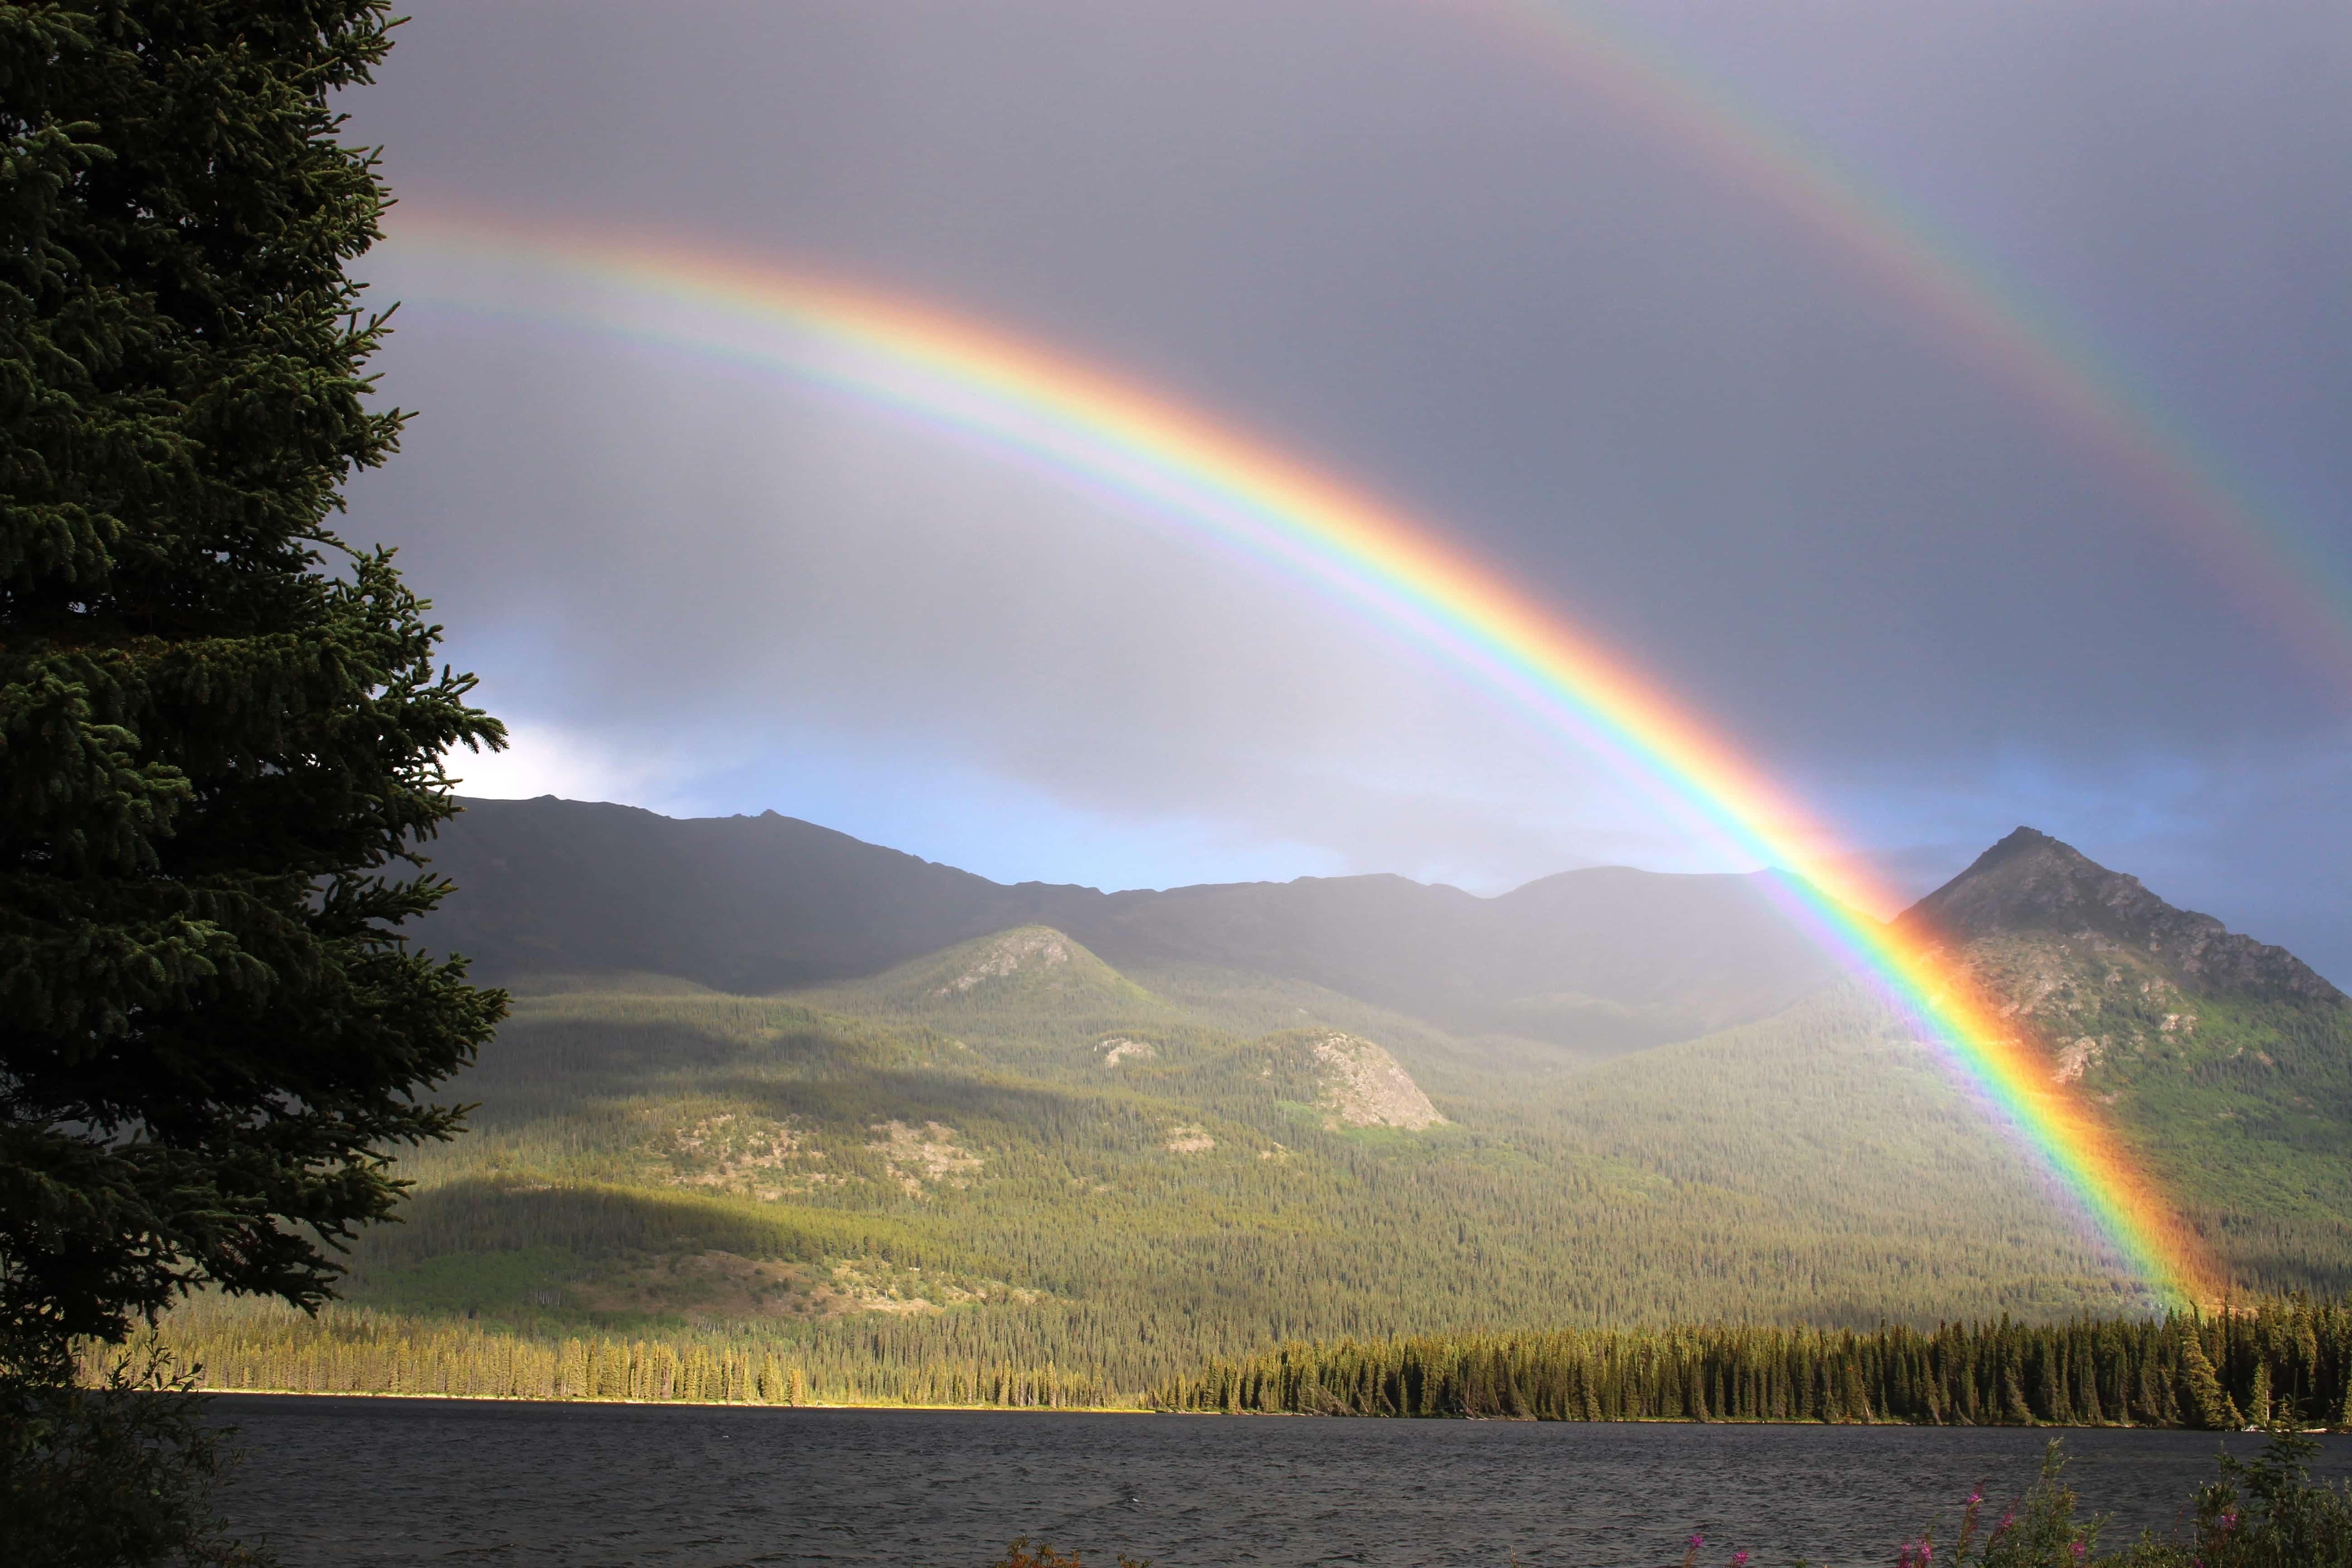 山に架かる二重の虹